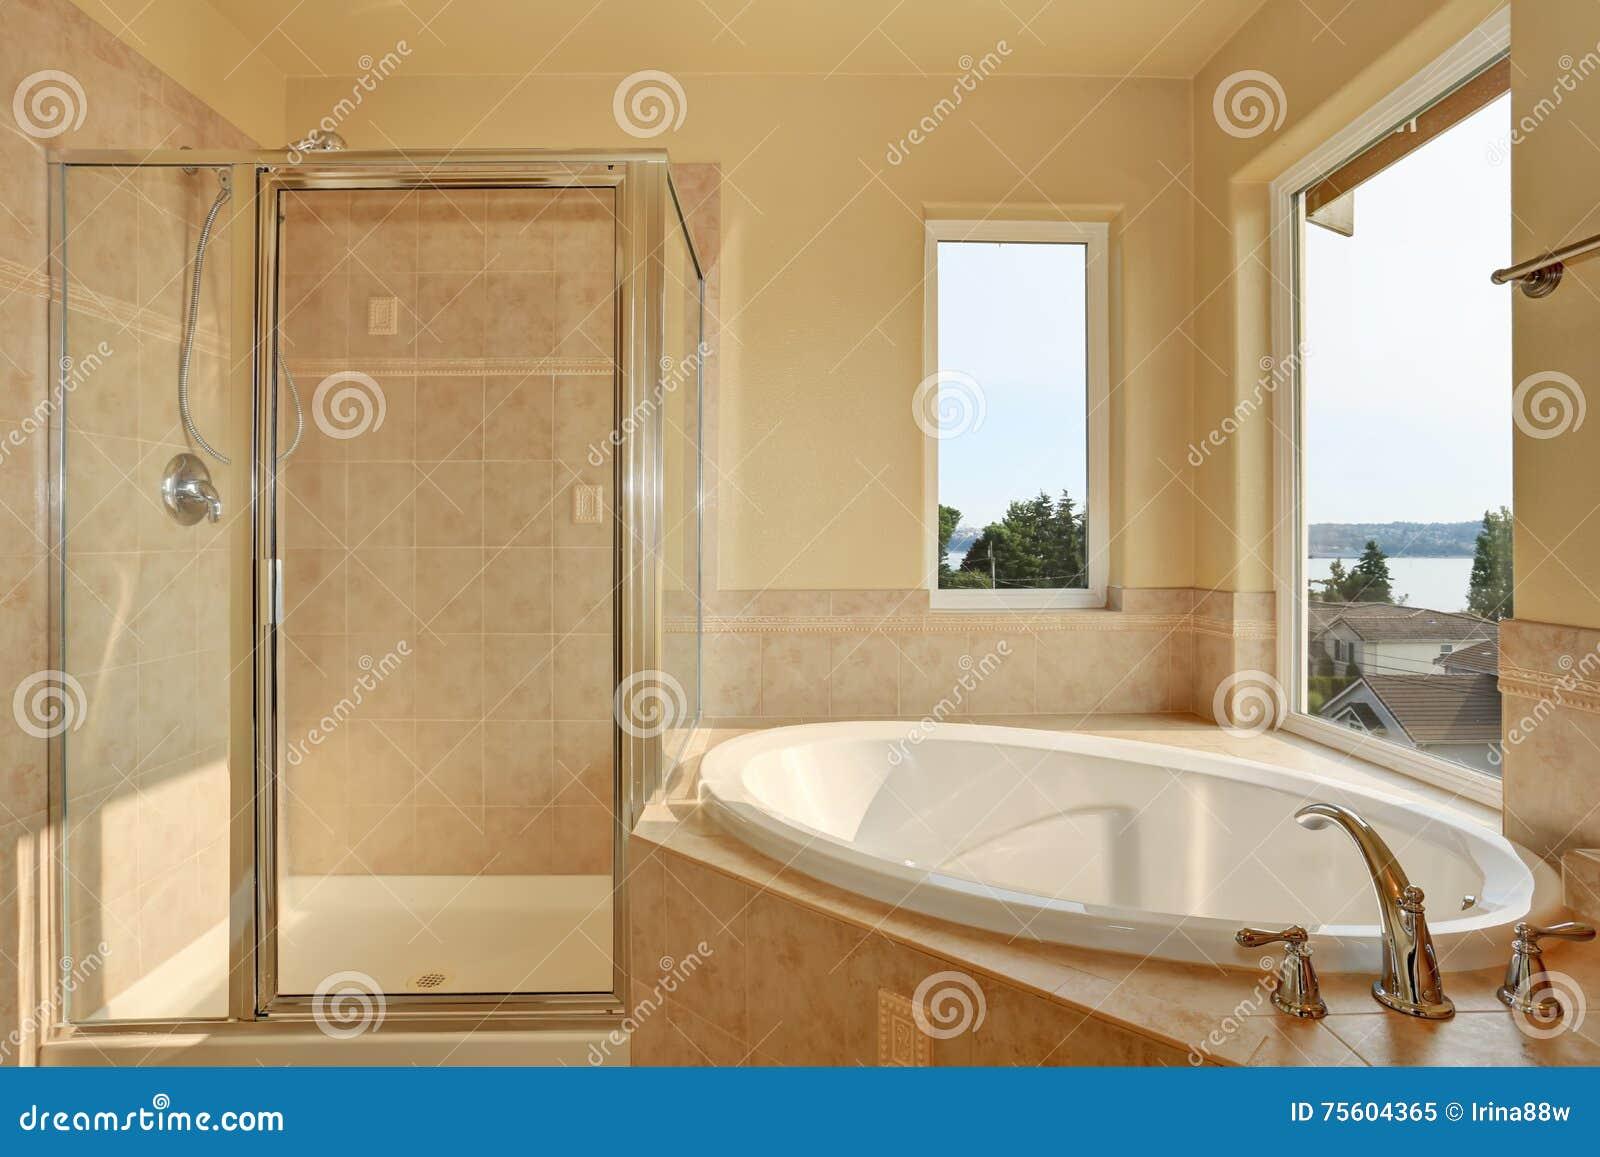 Geräumiges Sahniges Badezimmer Mit Eckbadewanne Stockbild ...